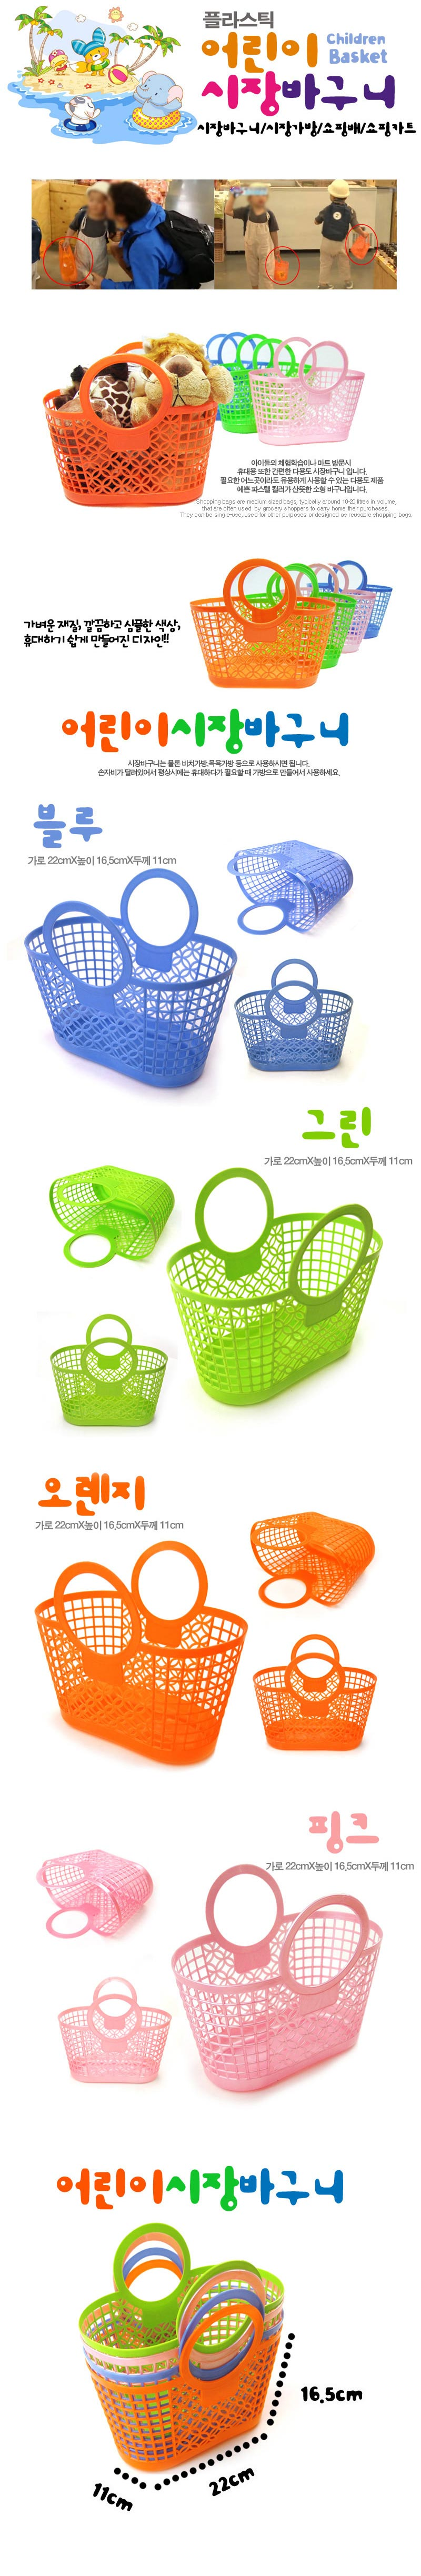 basket_children1416.jpg